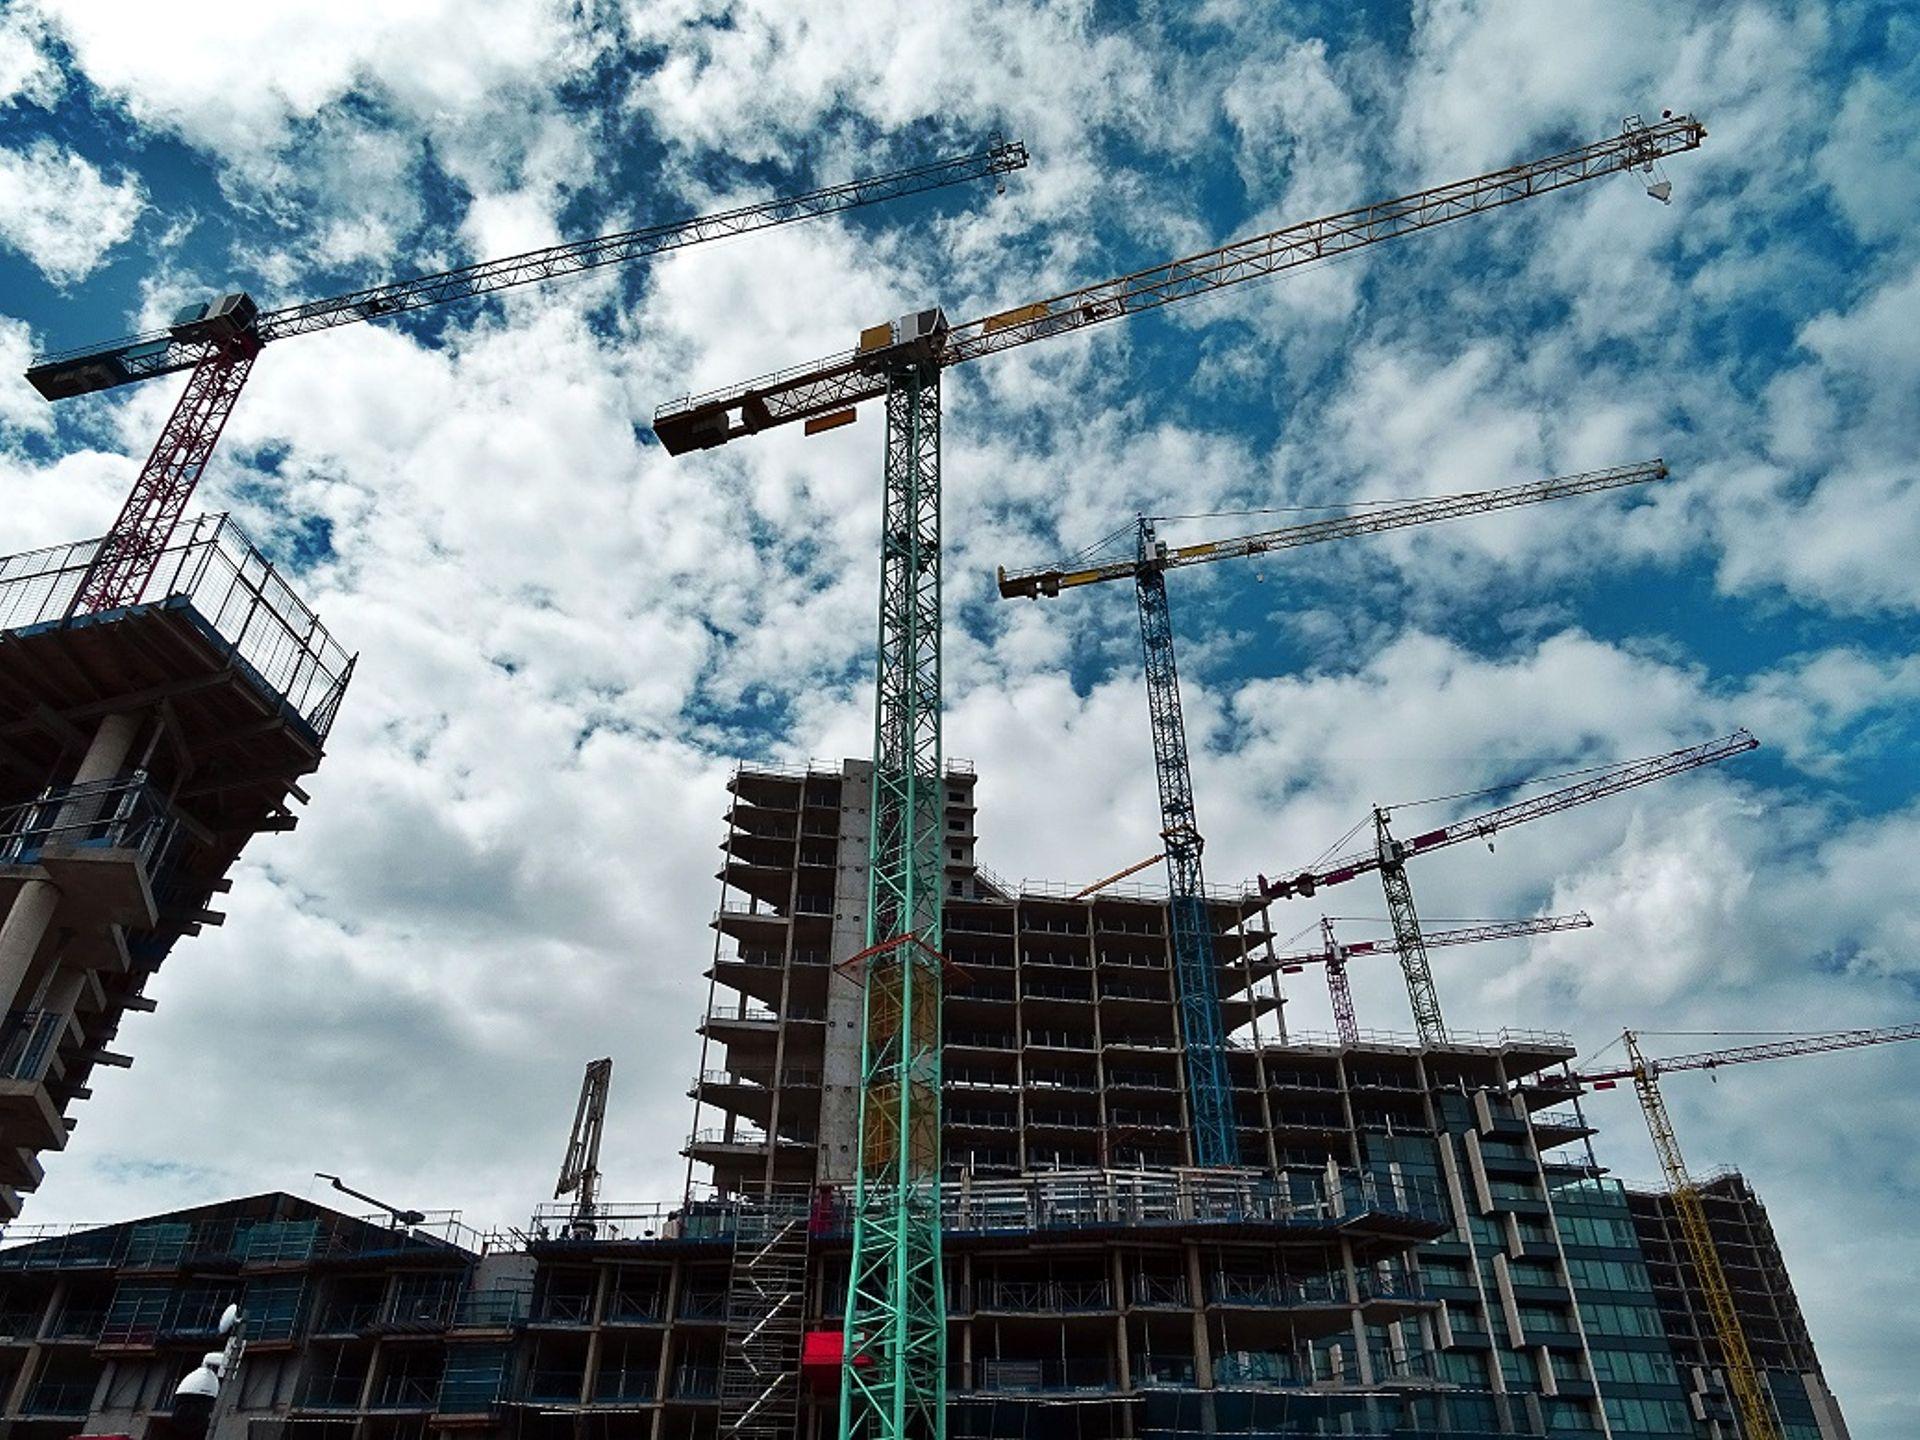 [Polska] 2018 był rokiem wzrostu – przede wszystkim cen. Co czeka rynek nieruchomości w rozpoczynającym się 2019 roku?